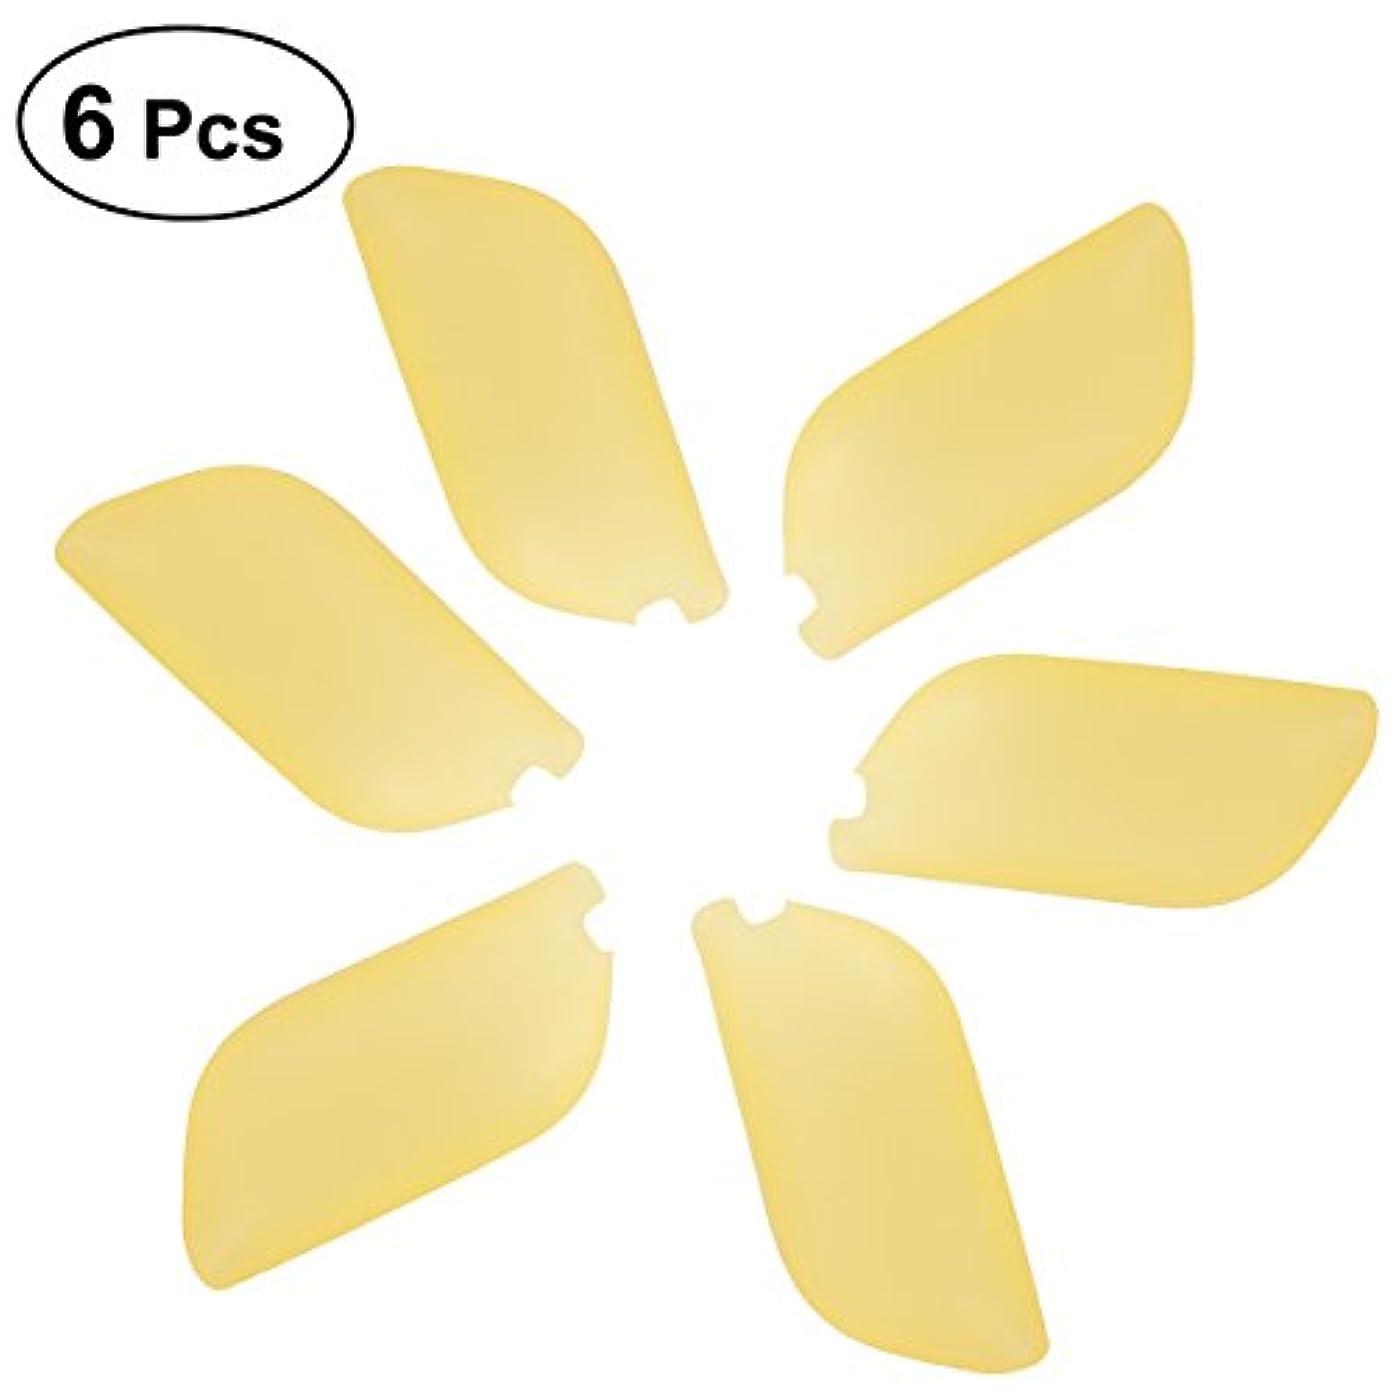 セントバレル無線HEALLILYシリコン歯ブラシヘッドカバーホルダー歯ブラシ保護カバー保護ケース用歯ブラシ6本